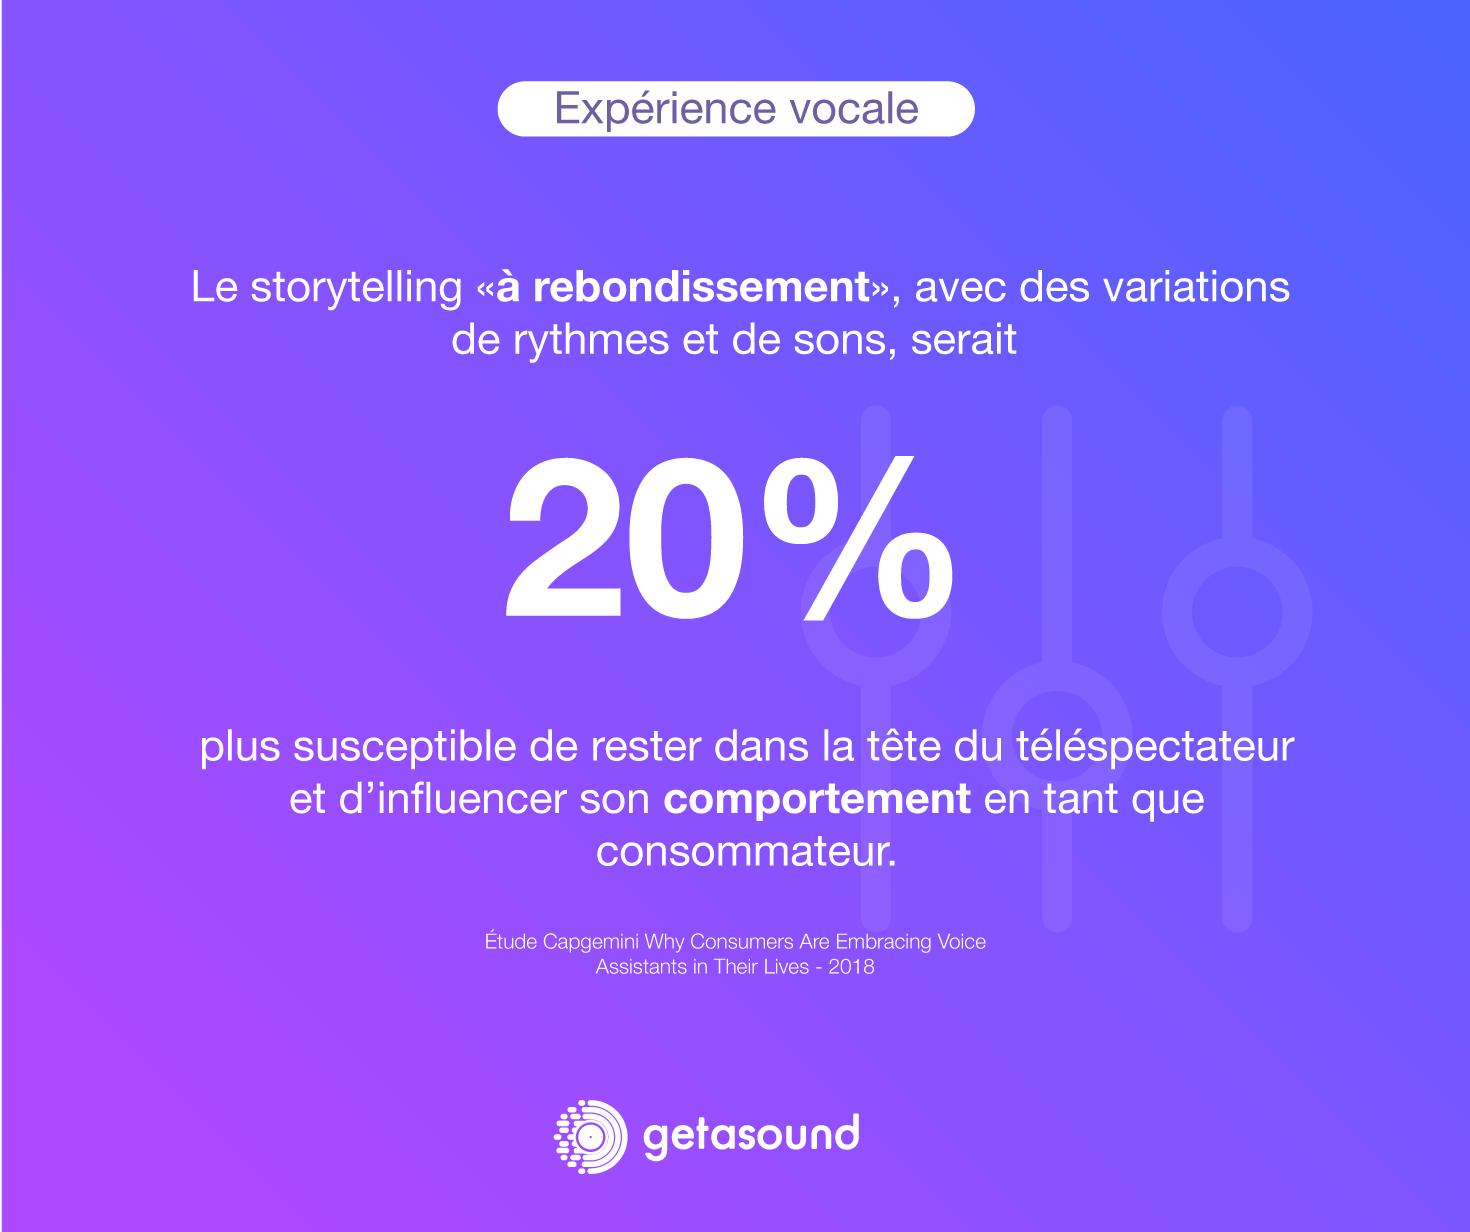 """Statistique : le storytelling """"à rebondissement"""", avec des variations de rythme et de sons, serait 20% plus susceptible de rester dans la tête du téléspectateur et d'influencer son comportement en tant que consommateur"""